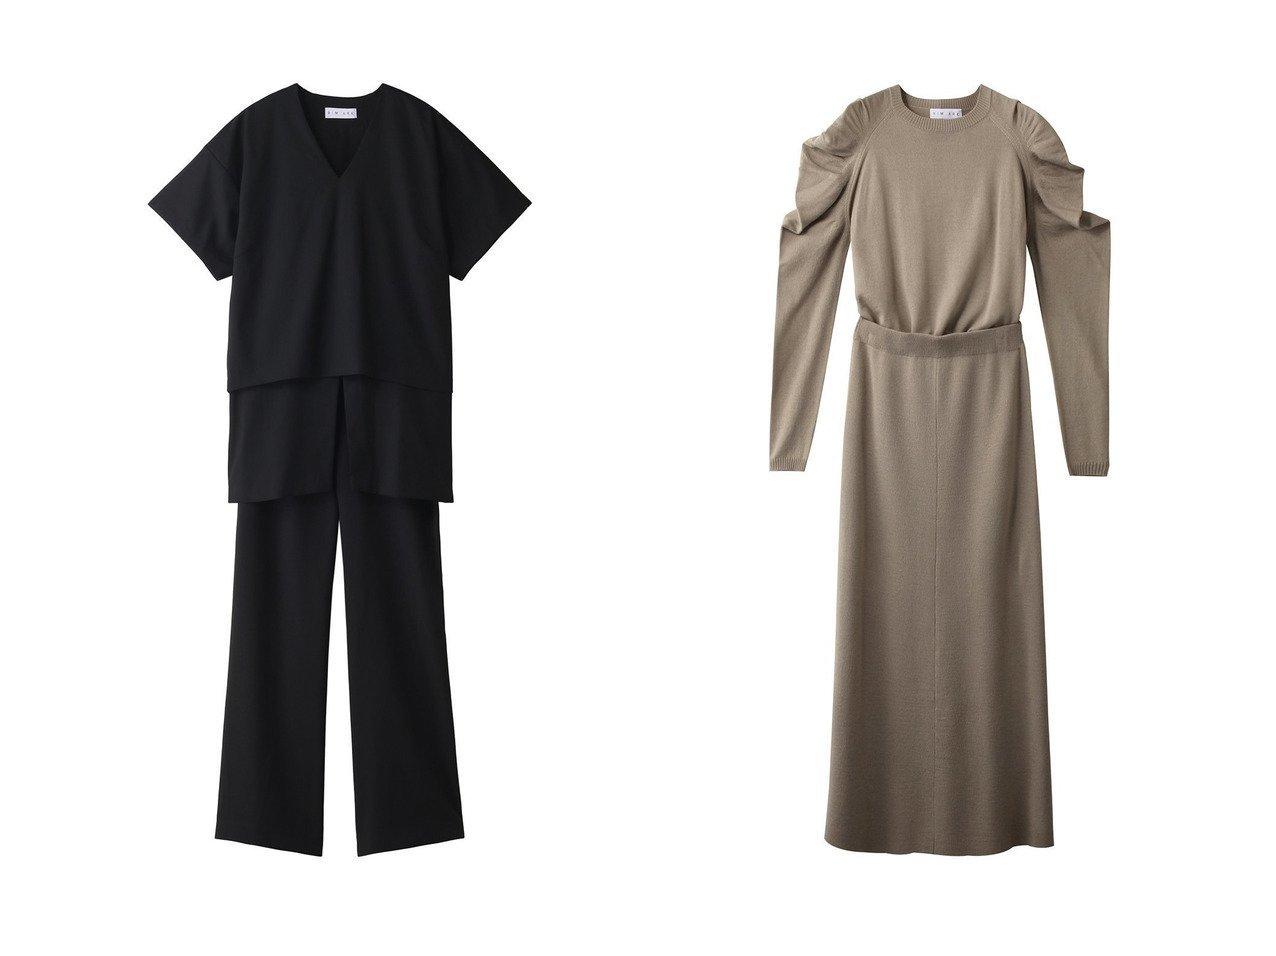 【RIM.ARK/リムアーク】のRound silhouette set up【セットアップ商品】&セットアップ ワンピース・ドレスのおすすめ!人気、レディースファッションの通販  おすすめで人気のファッション通販商品 インテリア・家具・キッズファッション・メンズファッション・レディースファッション・服の通販 founy(ファニー) https://founy.com/ ファッション Fashion レディース WOMEN トップス Tops Tshirt ニット Knit Tops プルオーバー Pullover セットアップ フランス ギャザー ロング  ID:crp329100000000698